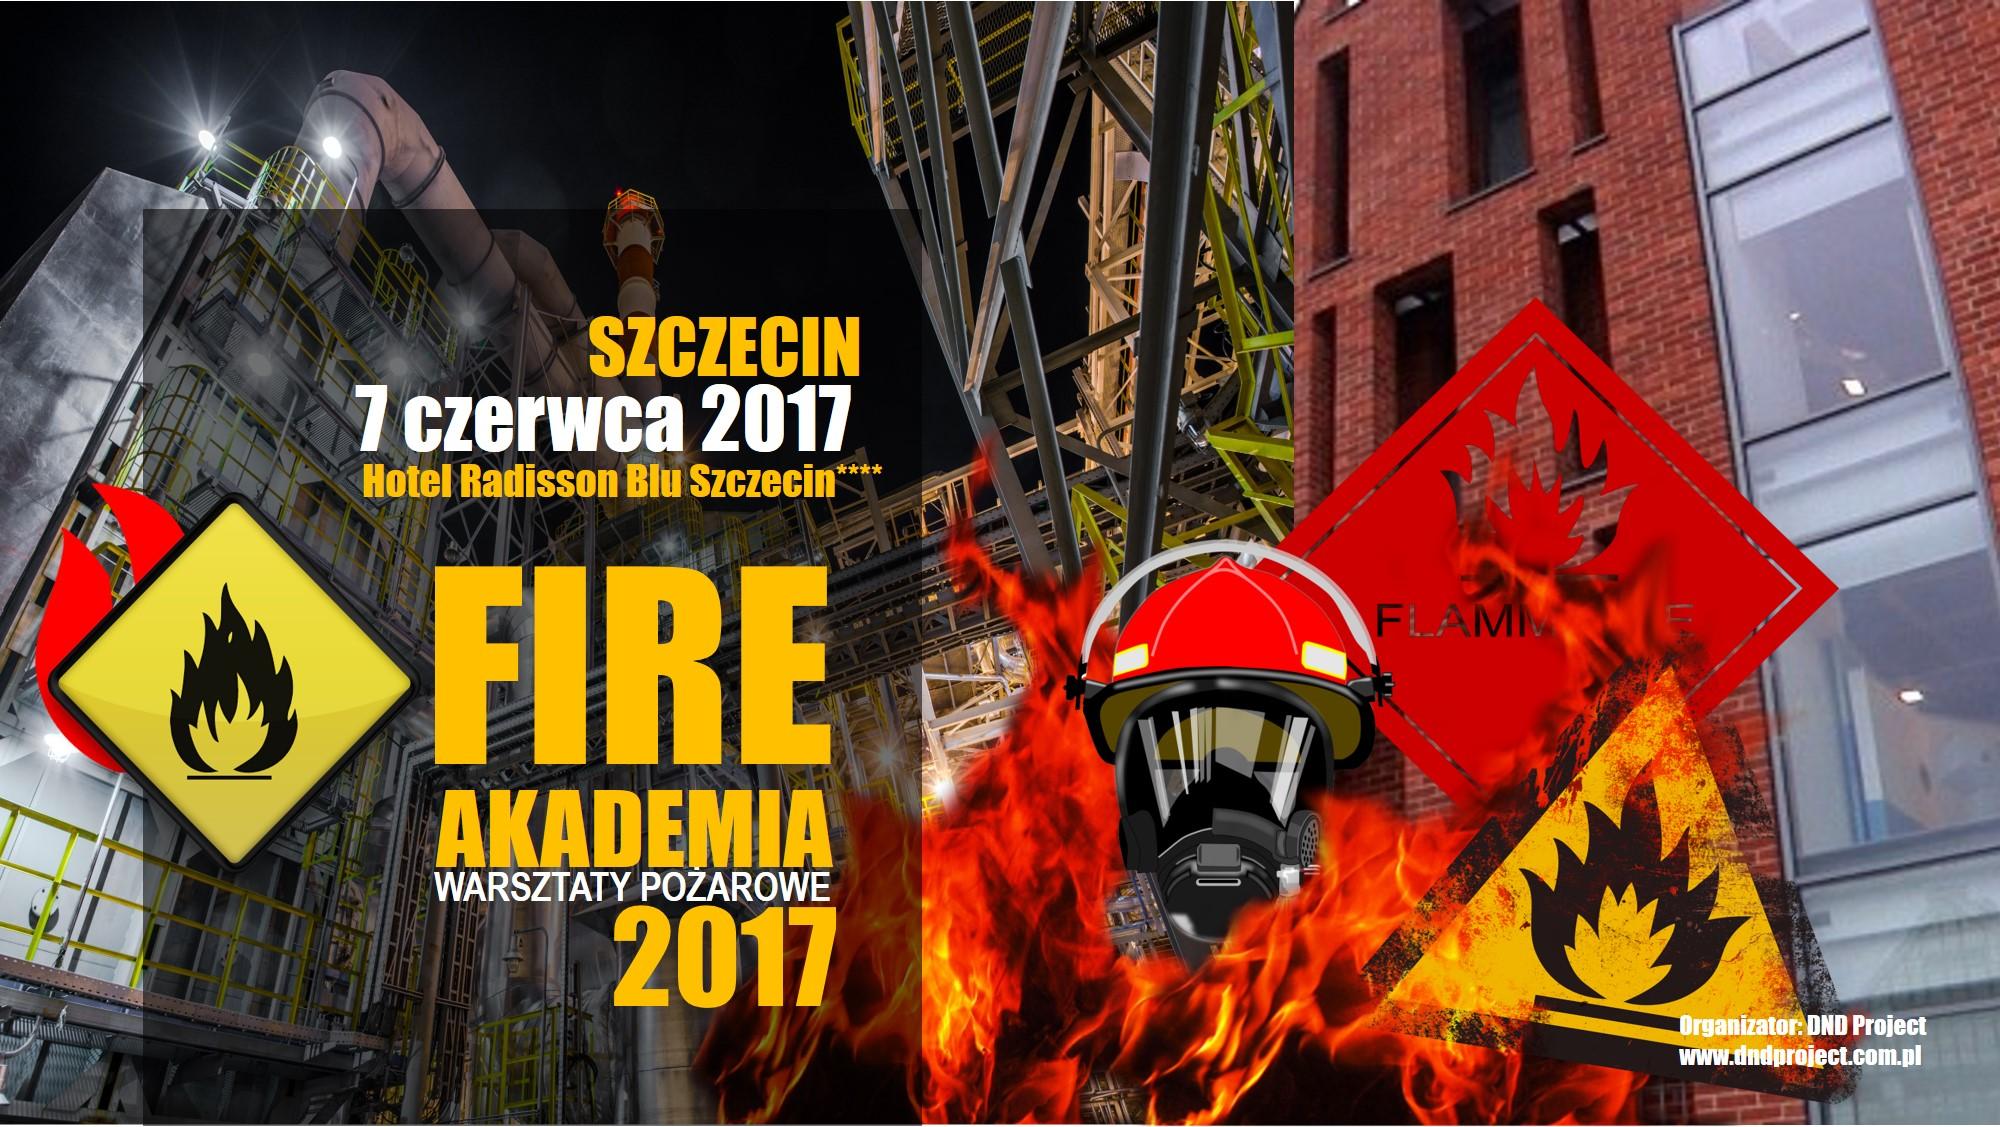 FIRE AKADEMIA